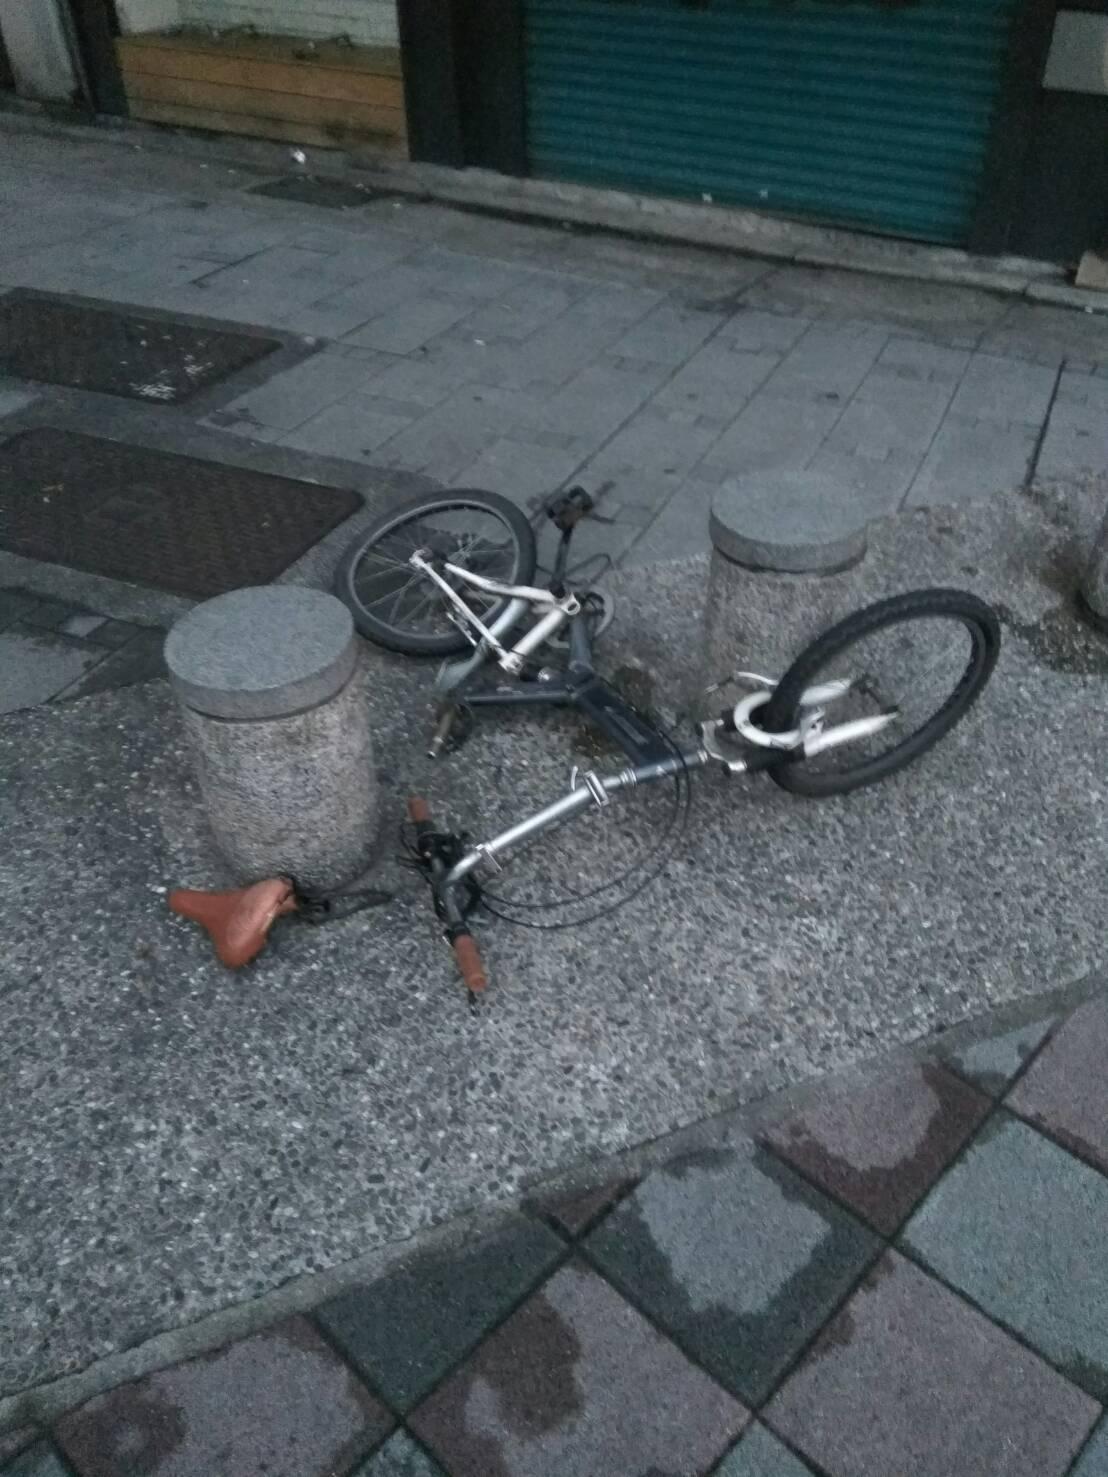 騎腳踏車的陳男闖紅燈遭撞。記者蕭雅娟/翻攝